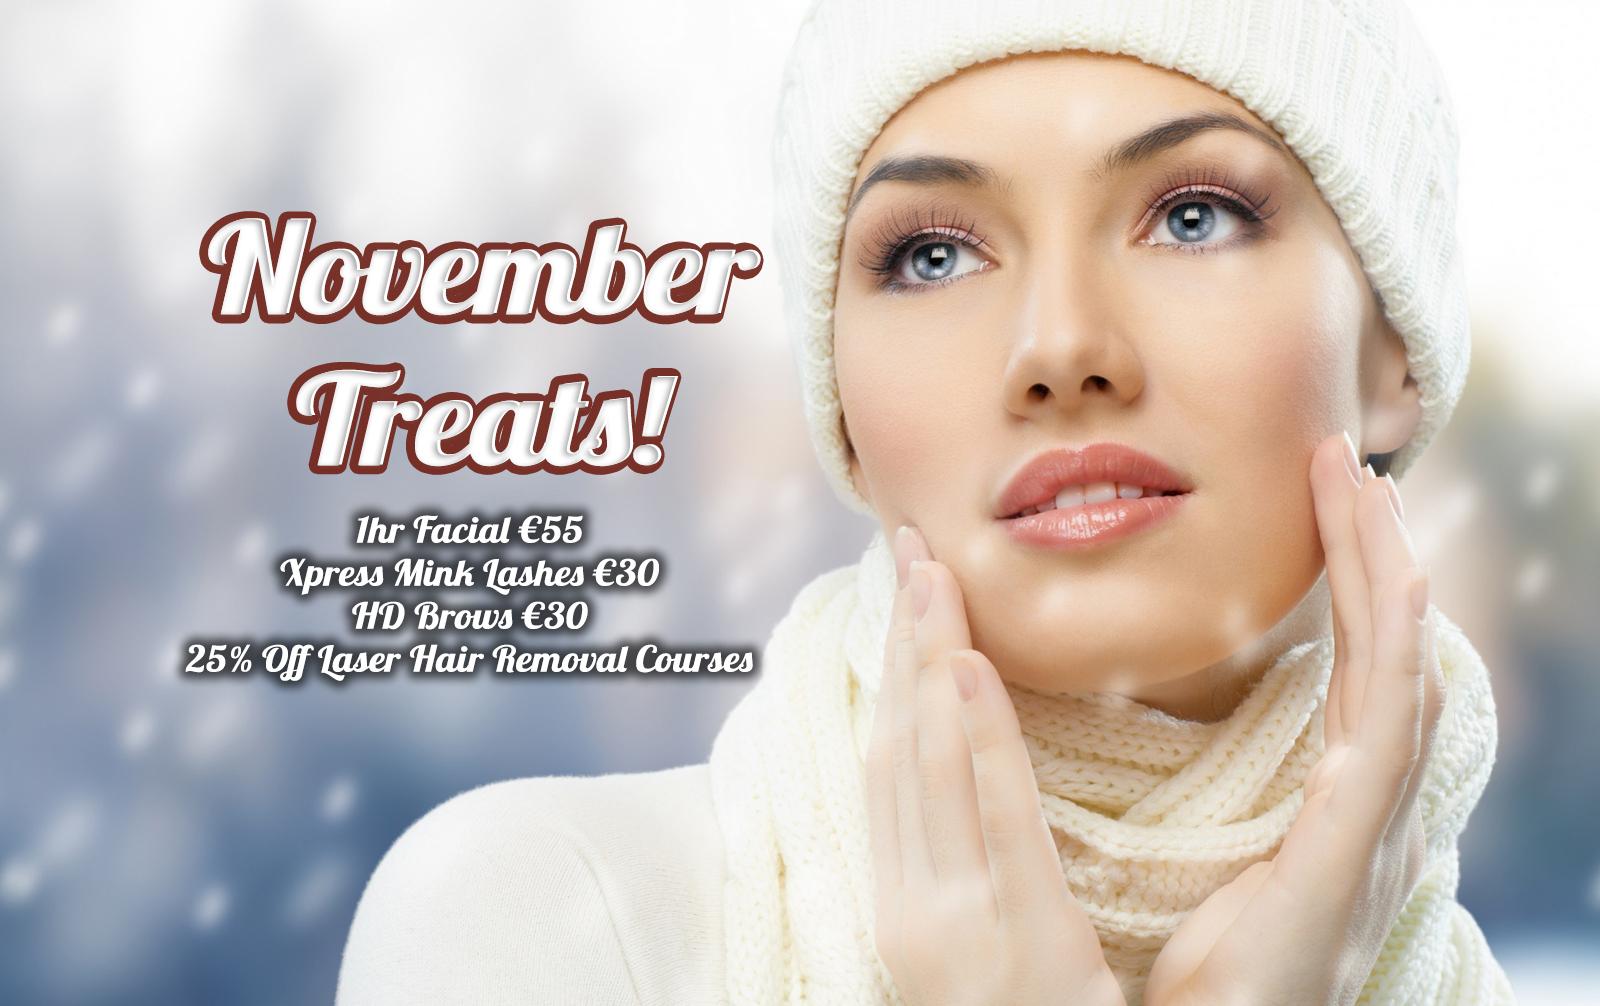 main-rotator-november-treats